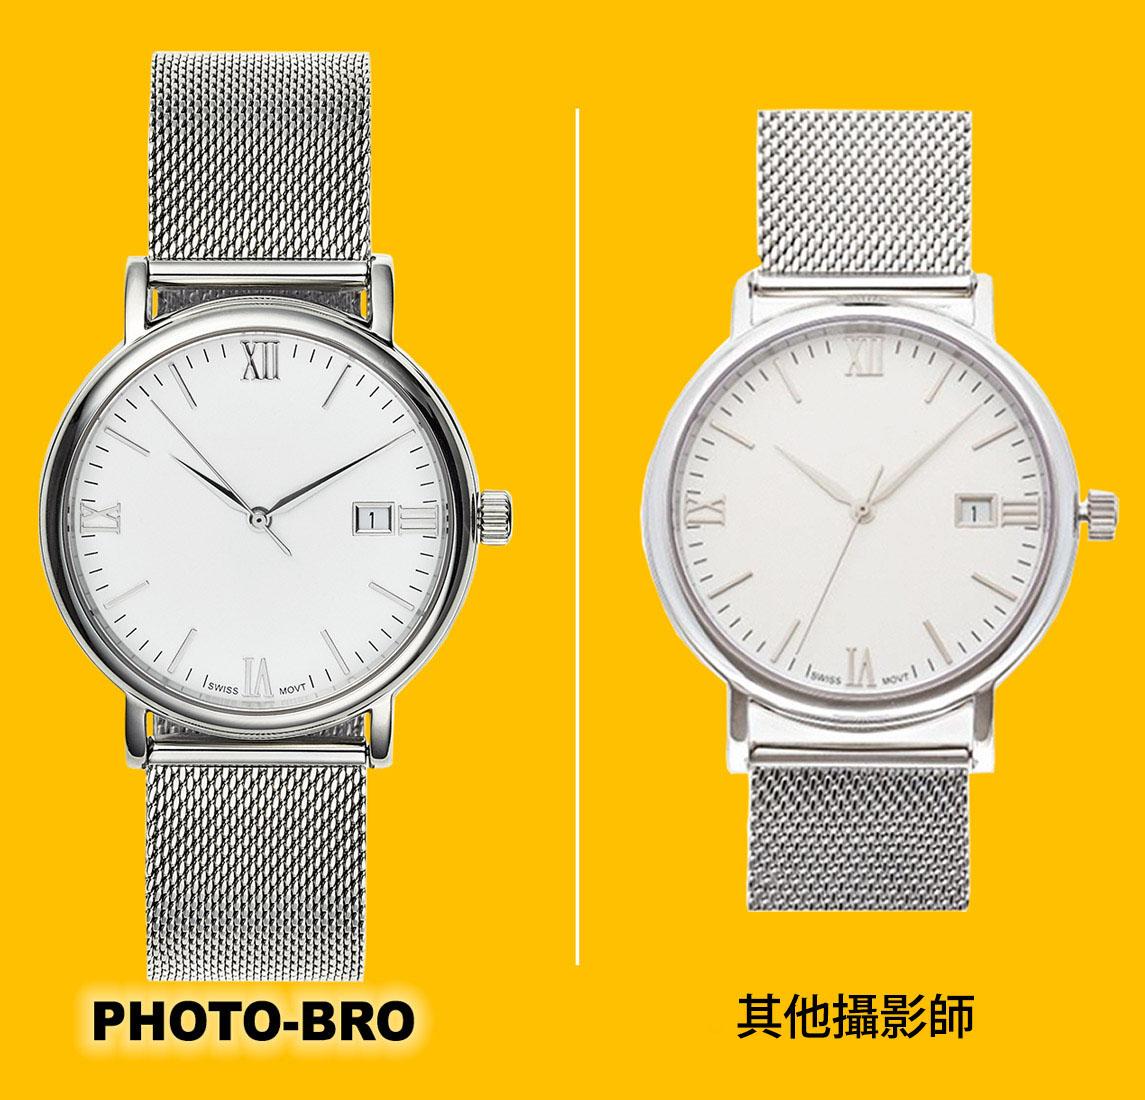 鐘錶 產品攝影 Photo bro